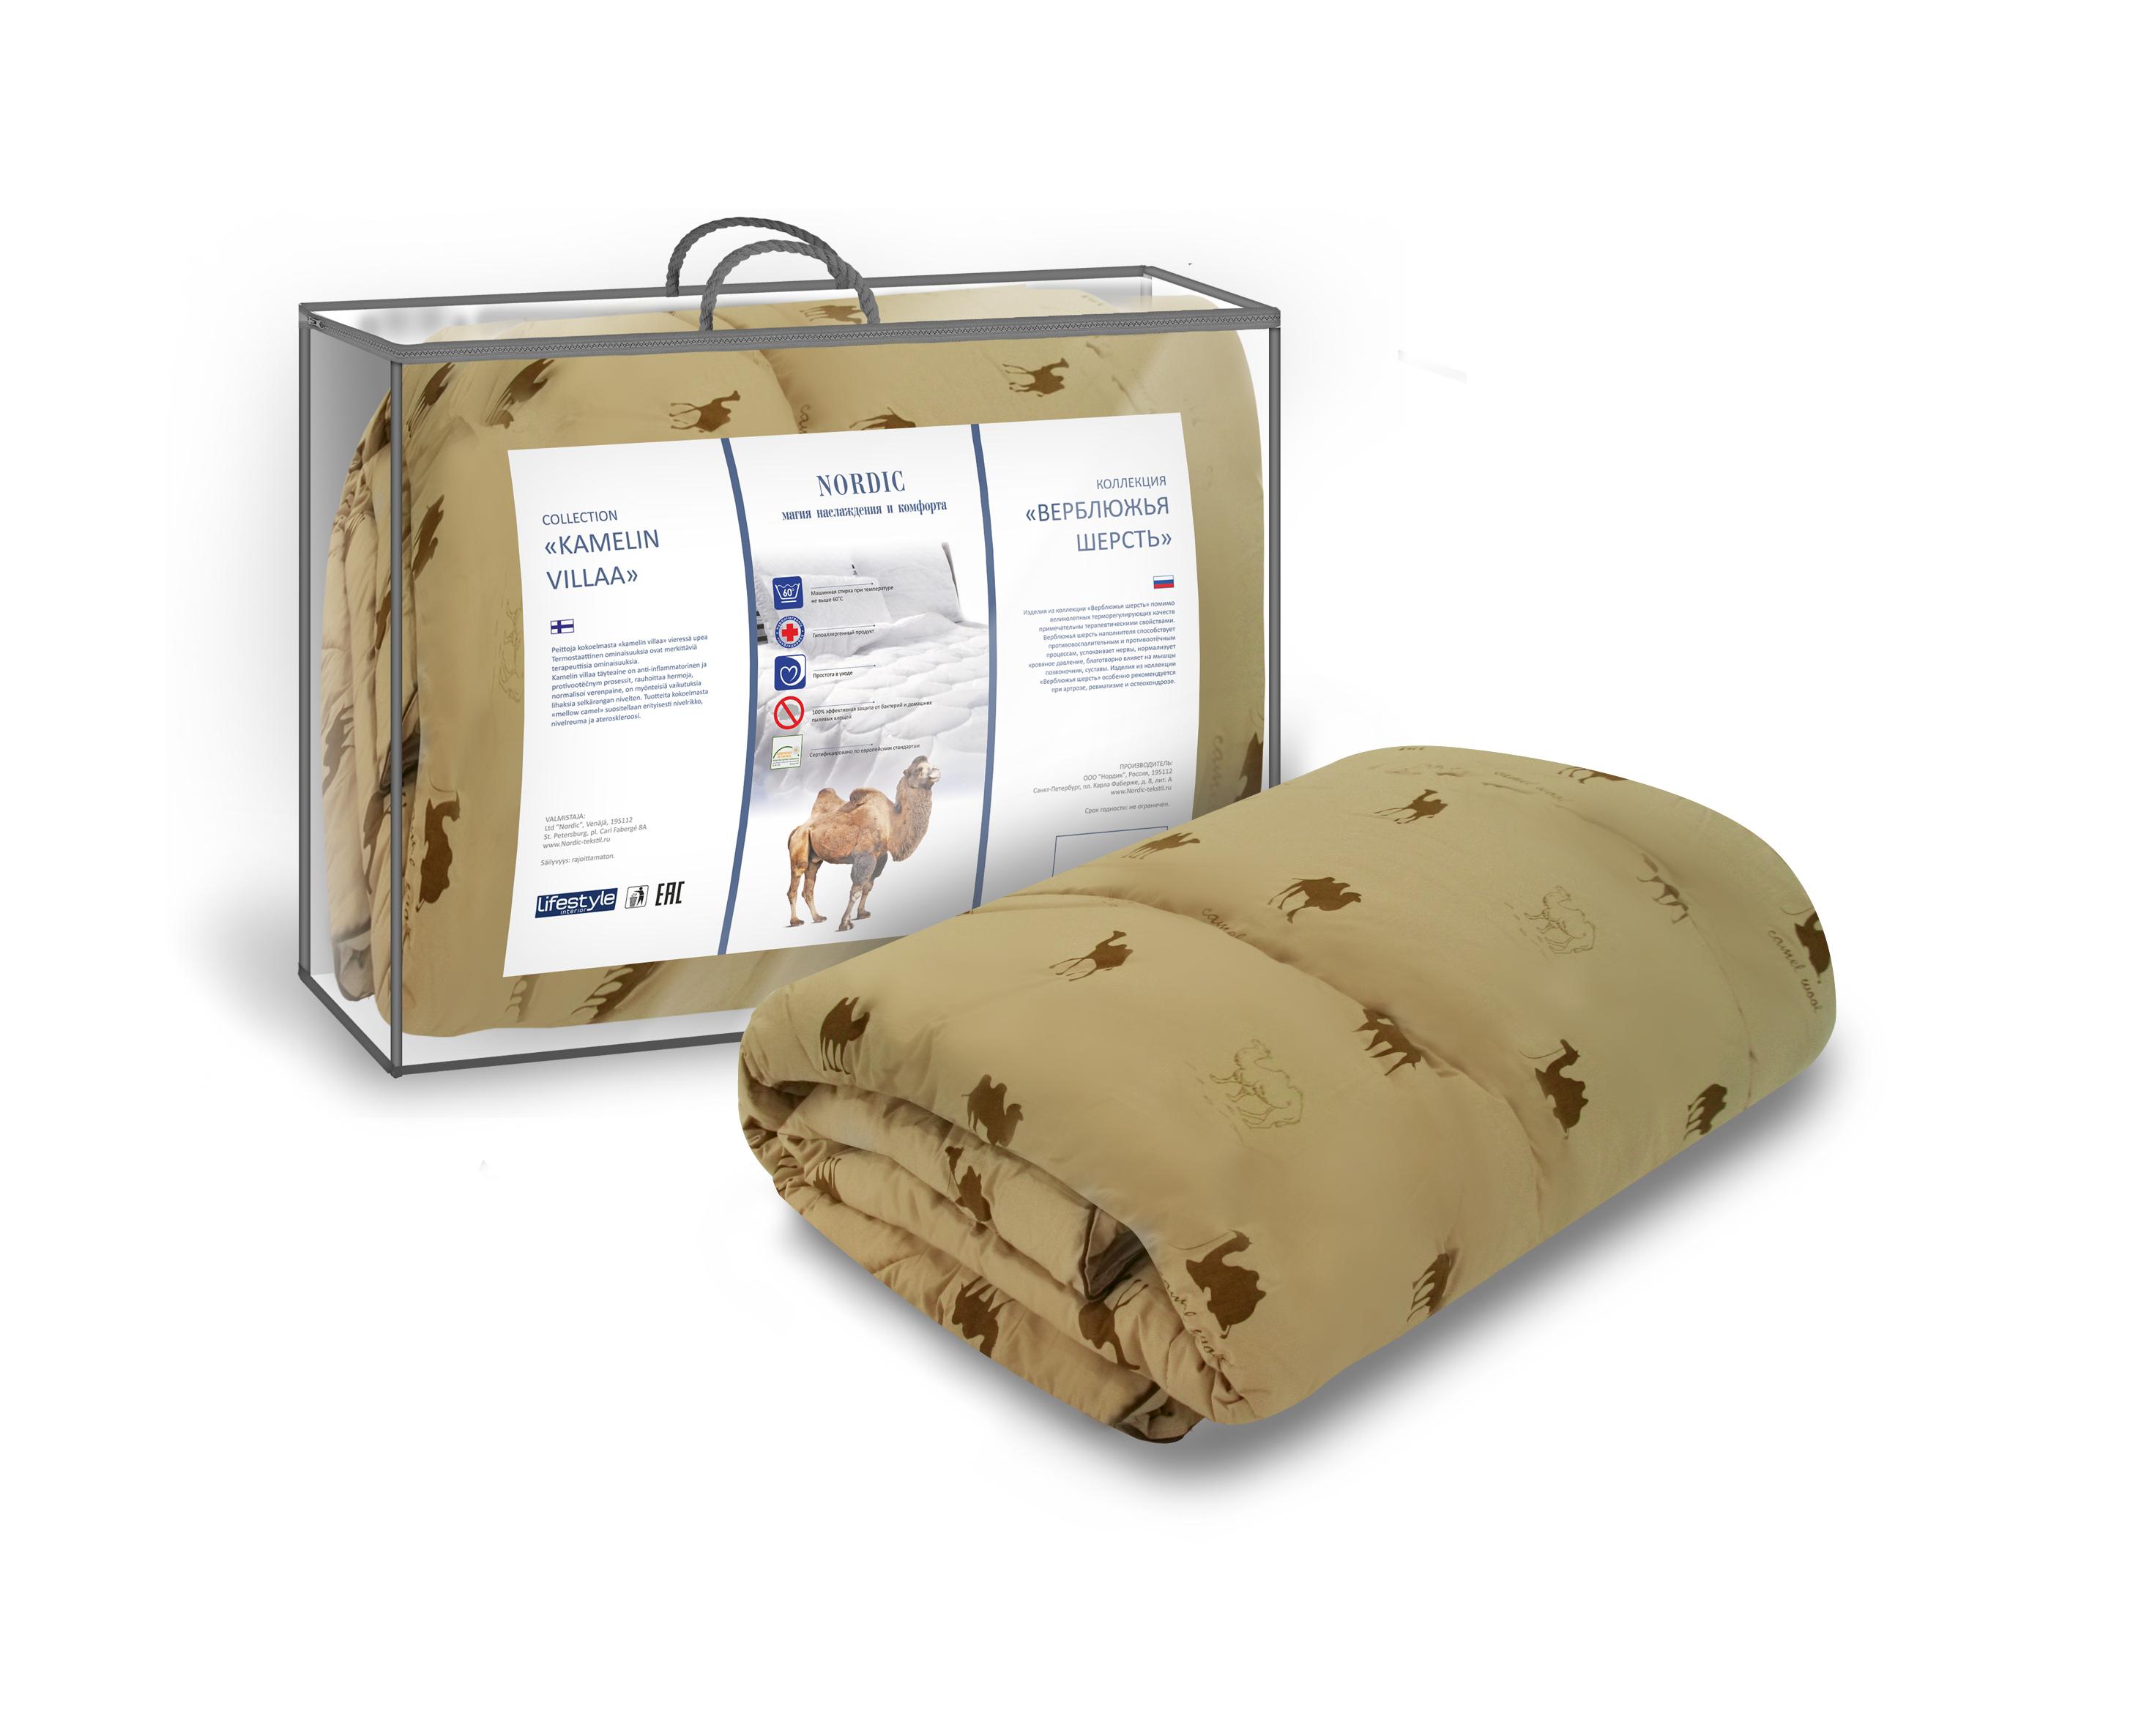 Одеяло NordicОдеяла<br>Размеры: 2000х2200, Наполнитель: верблюжья шерсть, Материал чехла: хлопок, полиэстер, Плотность одеяла: стандартное, Стеганое: есть, Гипоаллергенное: есть<br>